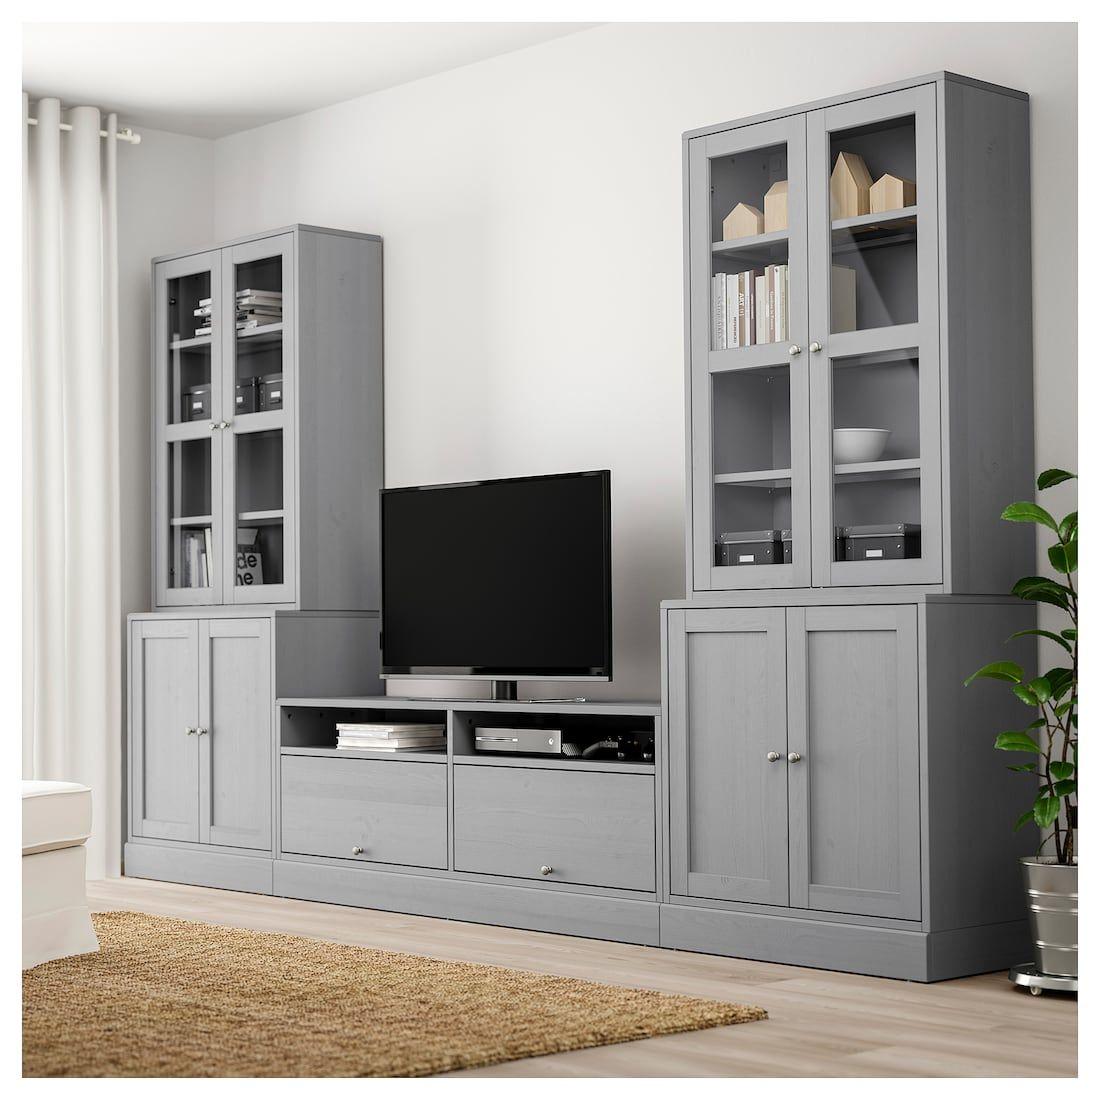 ikea havsta gray tv storage combinationglass doors in